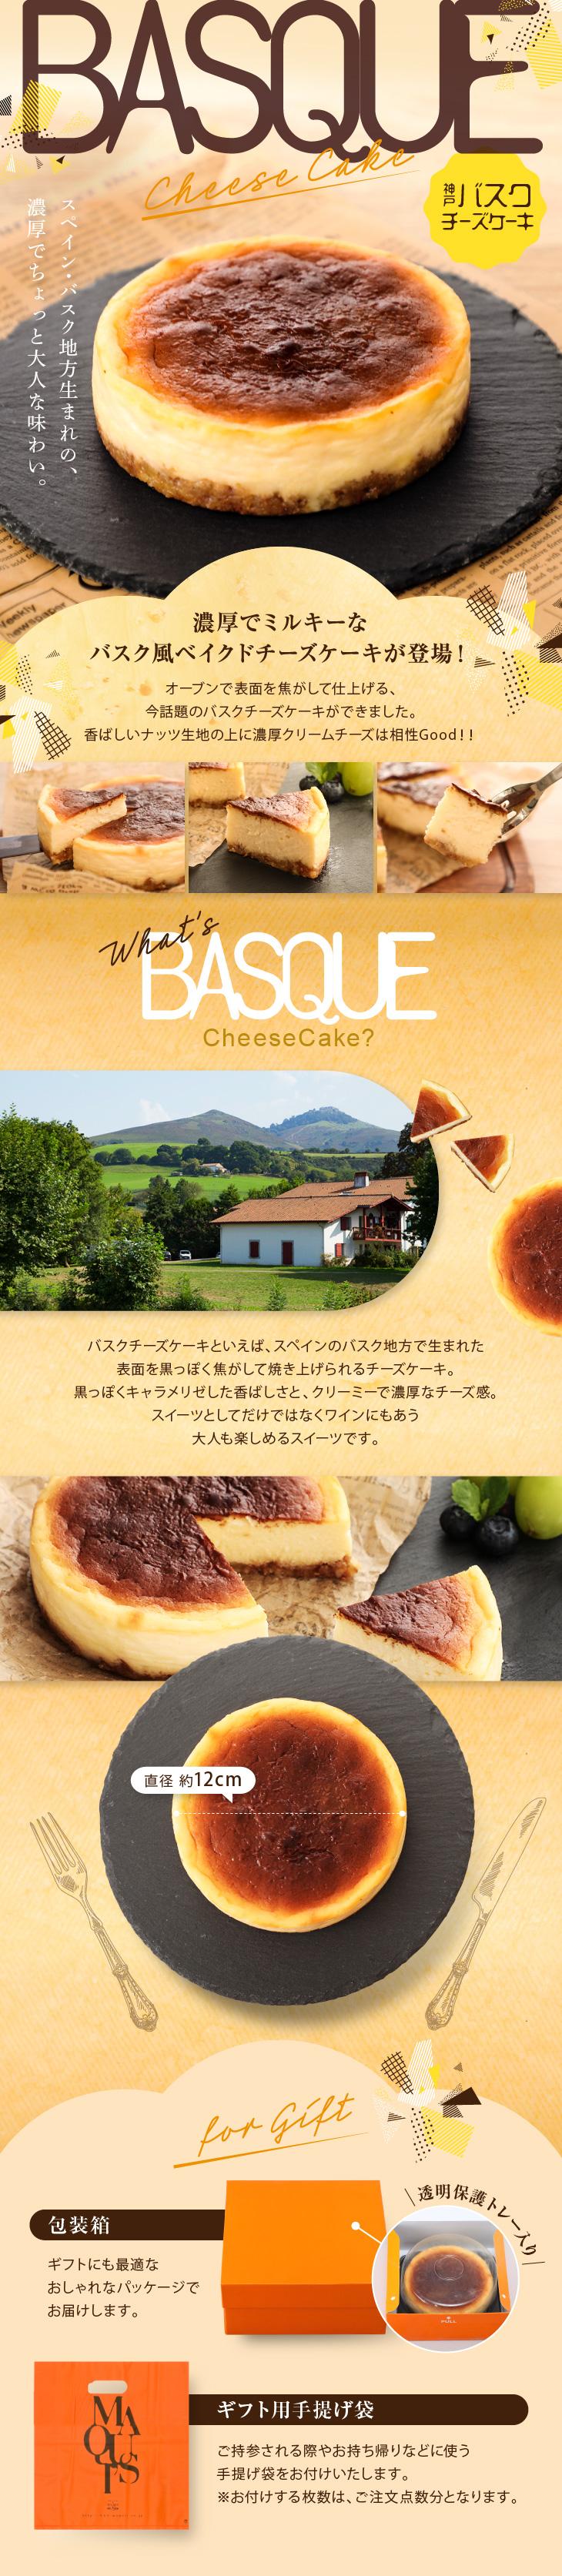 神戸バスクチーズケーキ